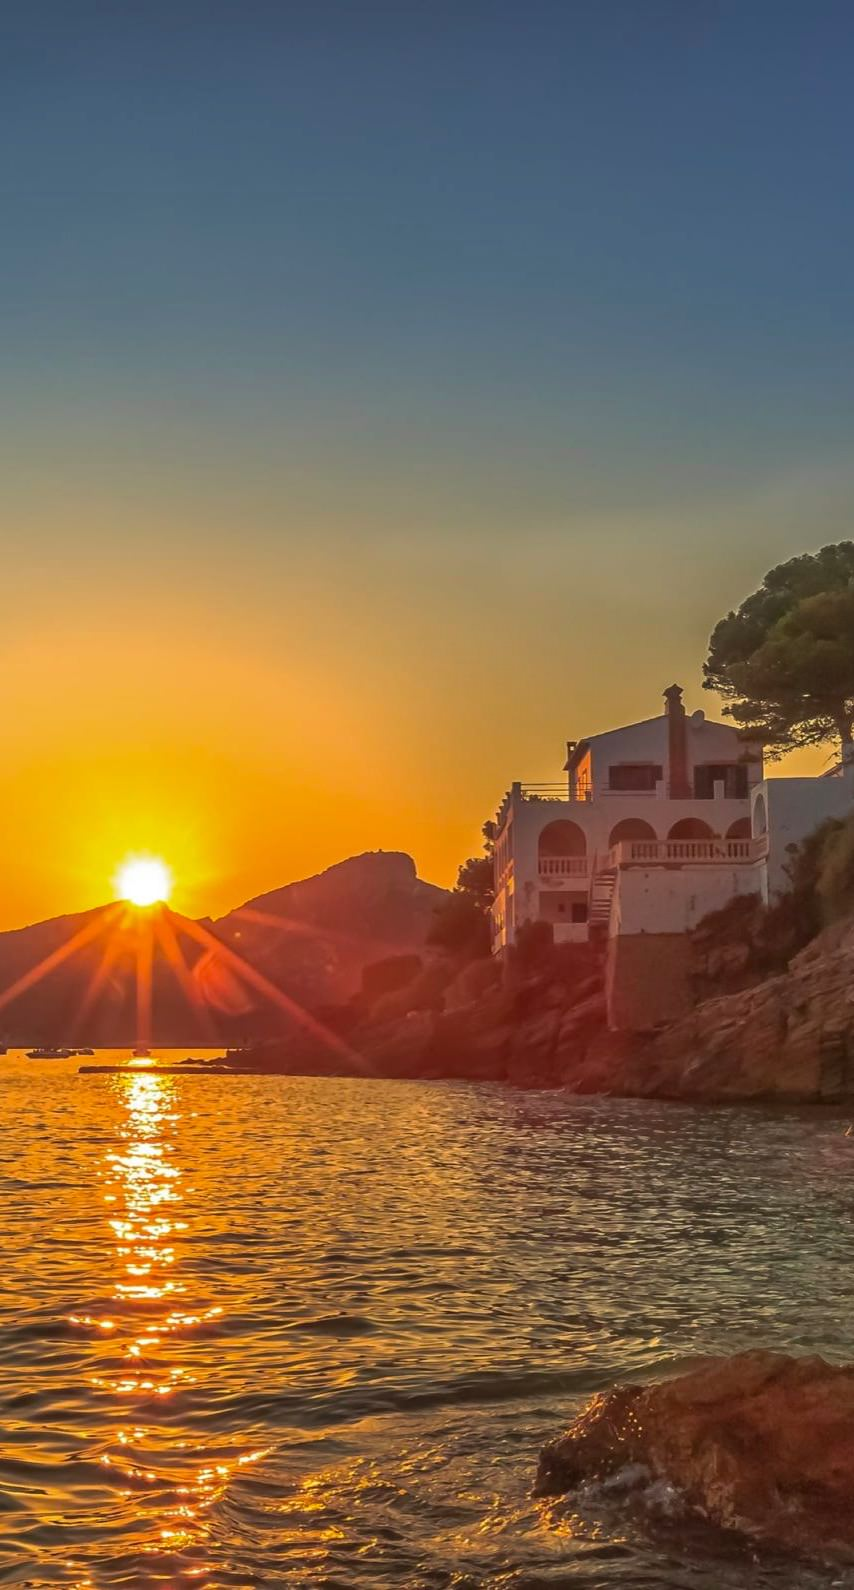 pemandangan laut matahari terbenam  wallpaper.sc iPhone6s